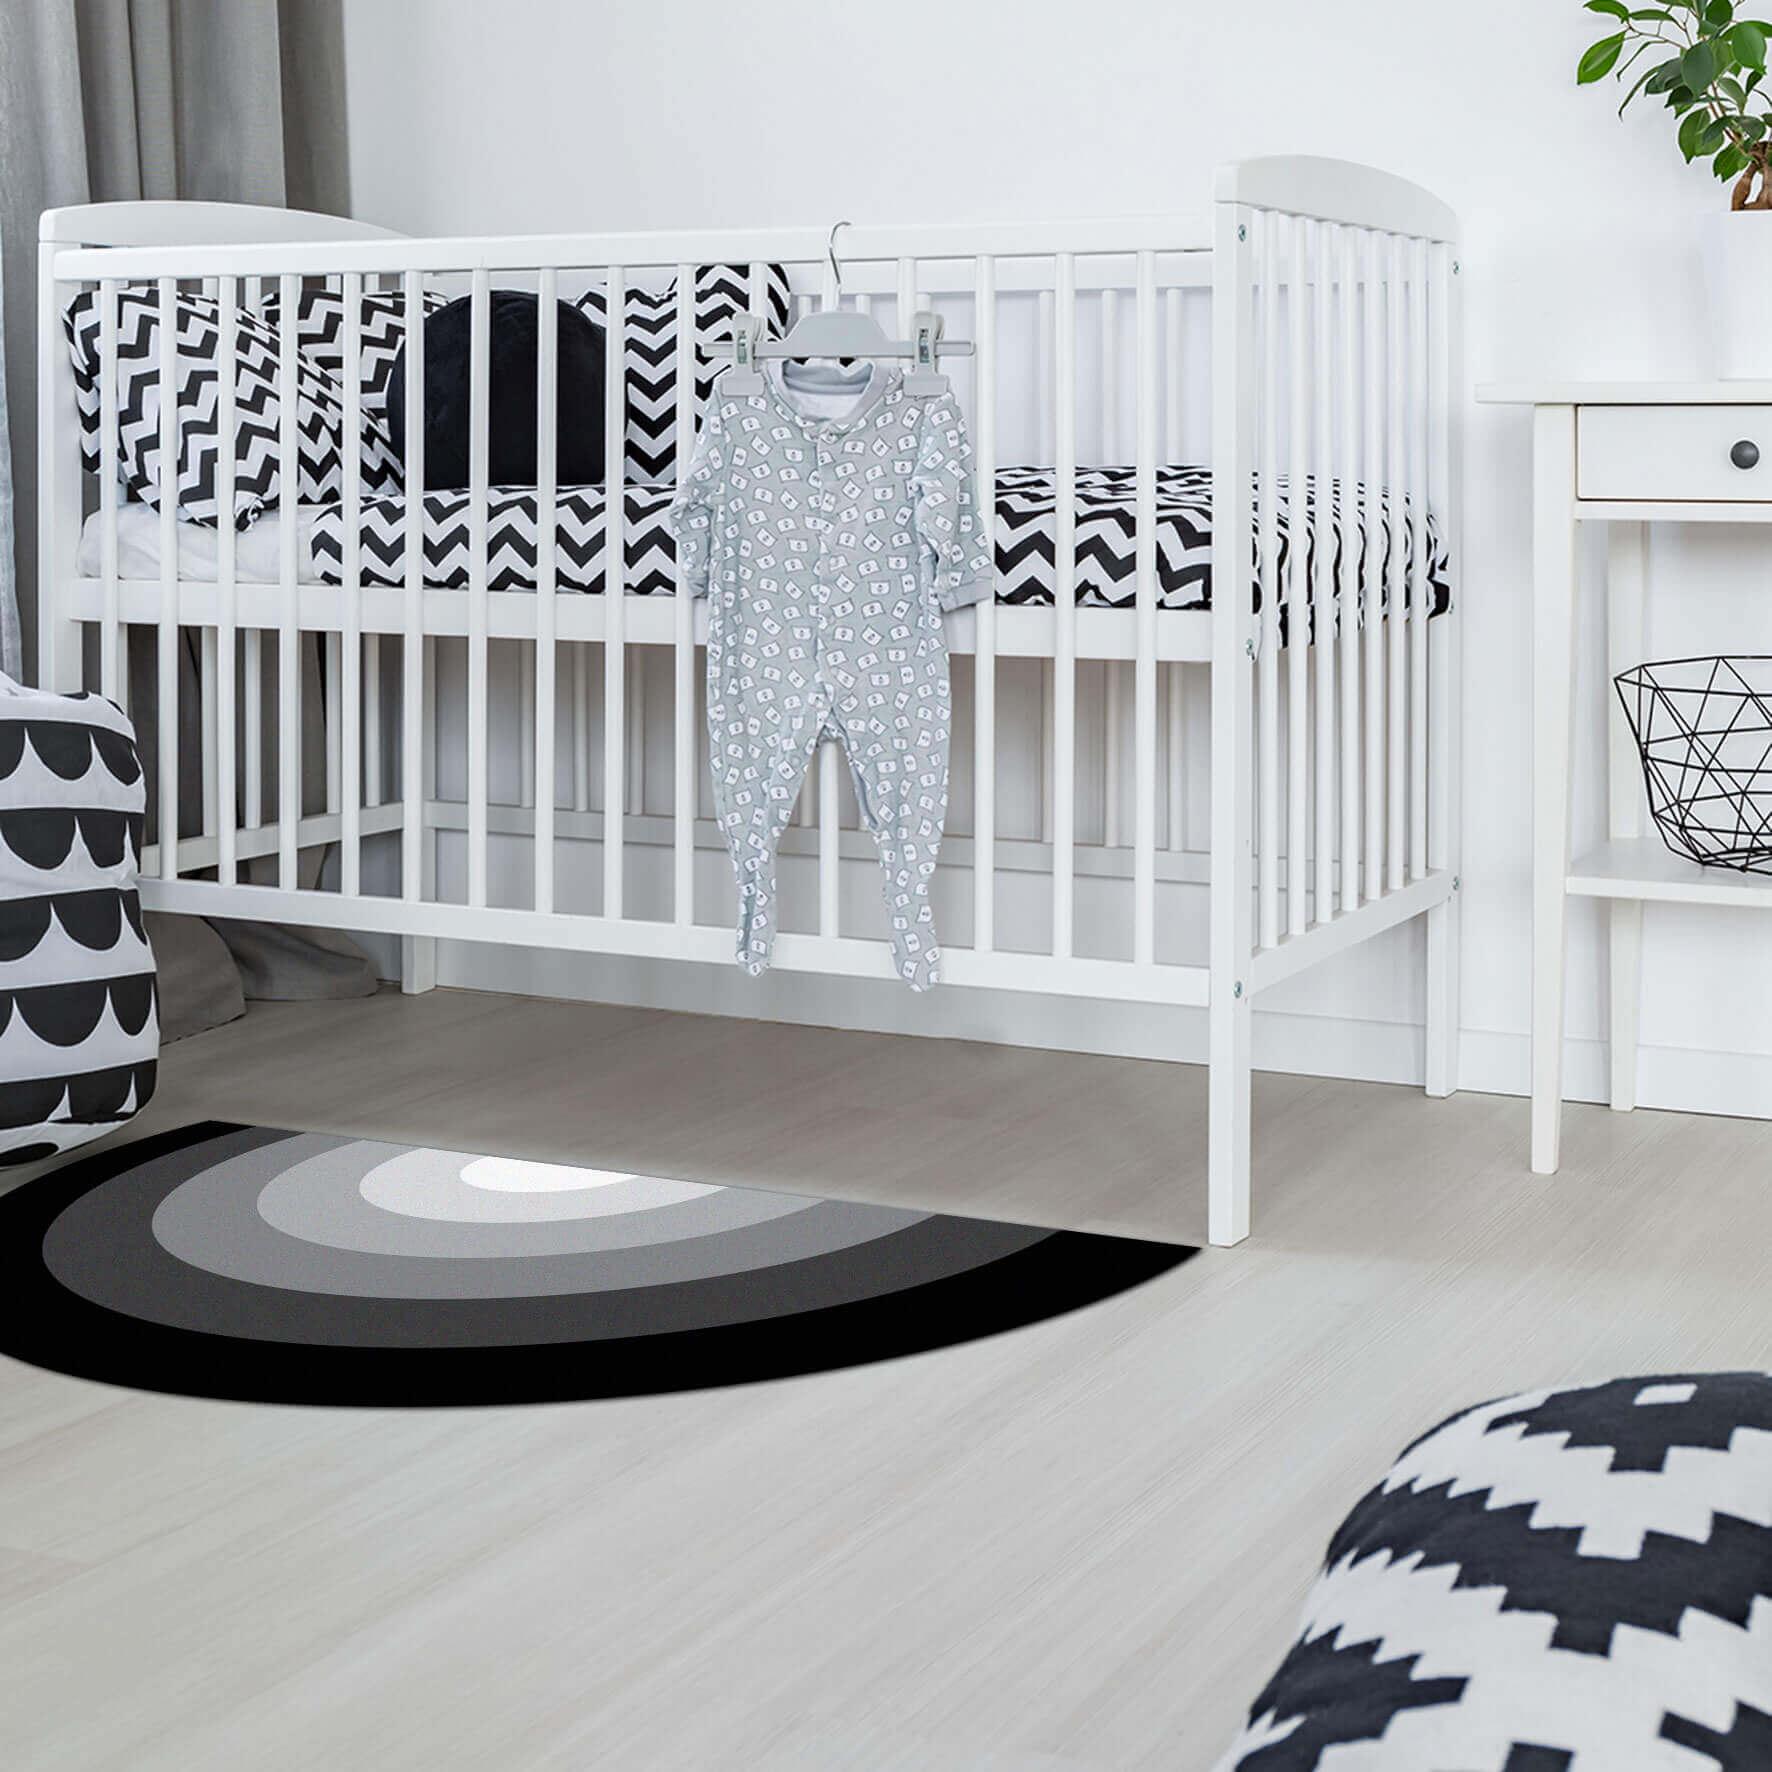 שטיח לחדר ילדים קשת שחור לבן